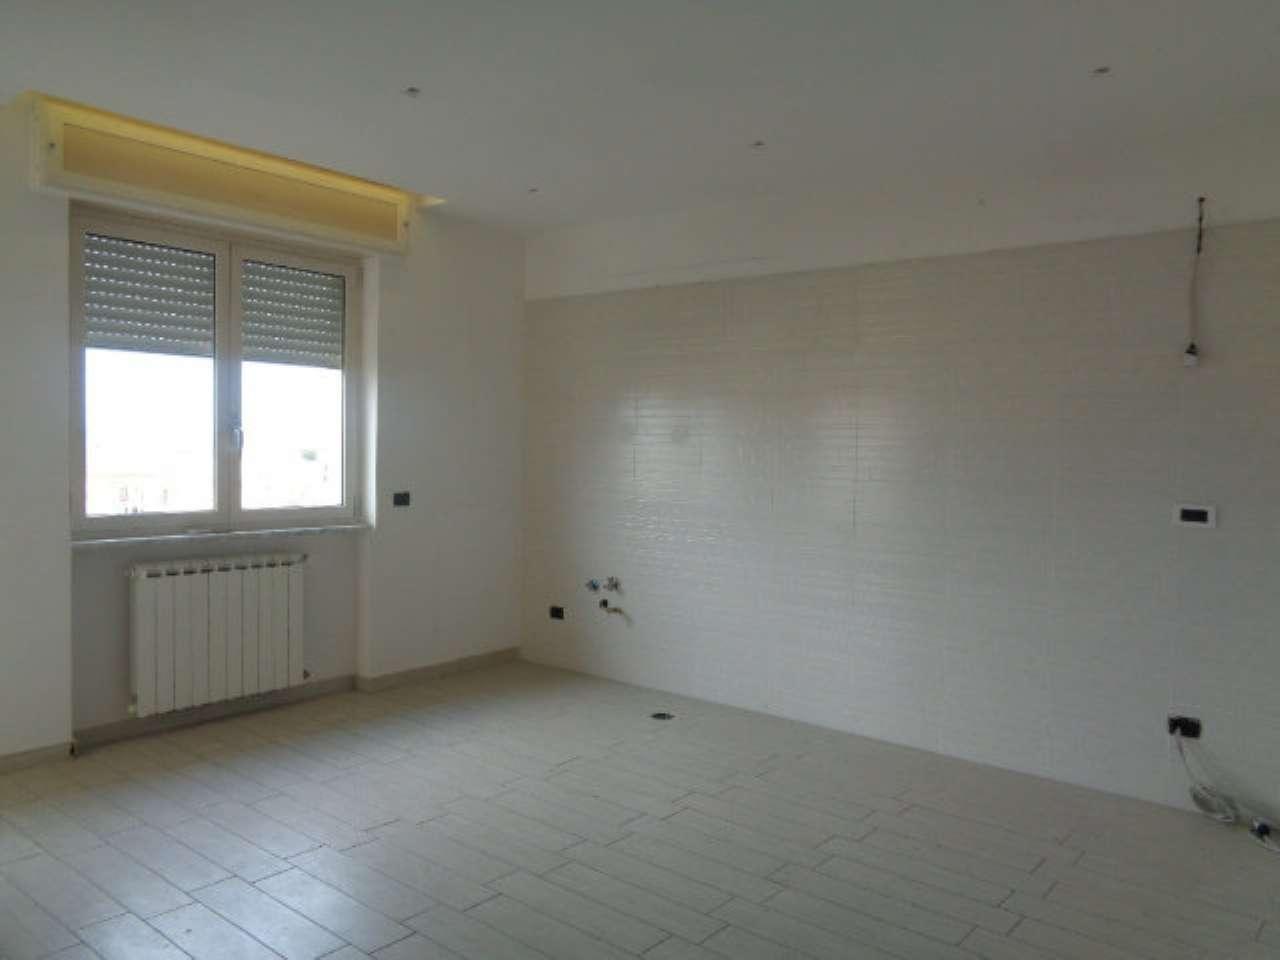 Appartamento in affitto a Calvizzano, 3 locali, prezzo € 480 | CambioCasa.it